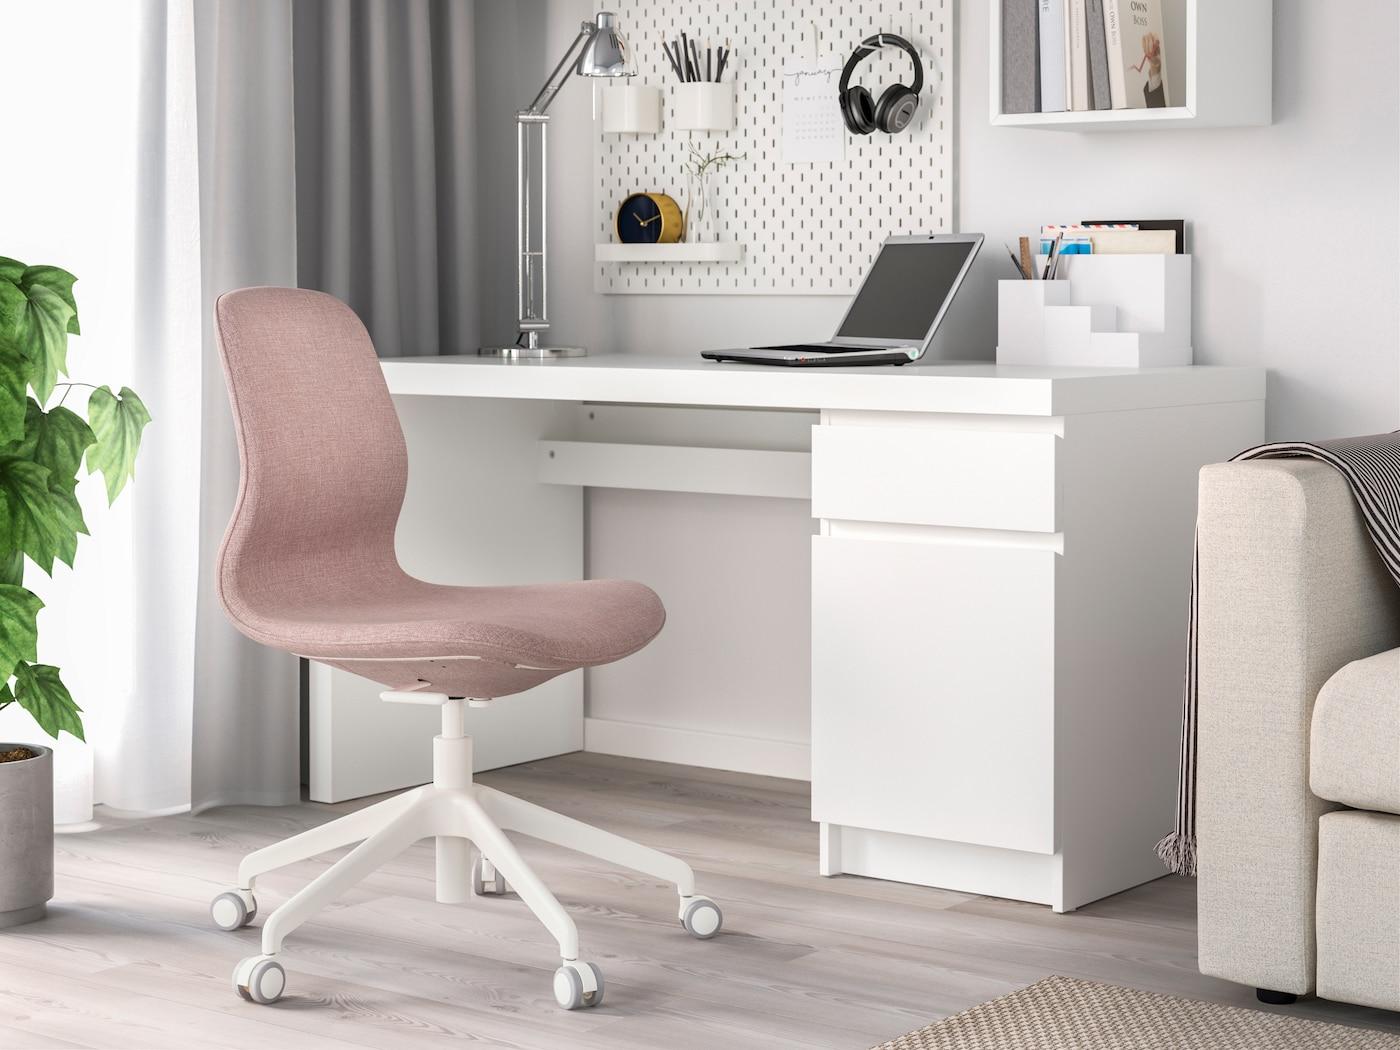 Стол МИККЕ белый в интерьере комнаты